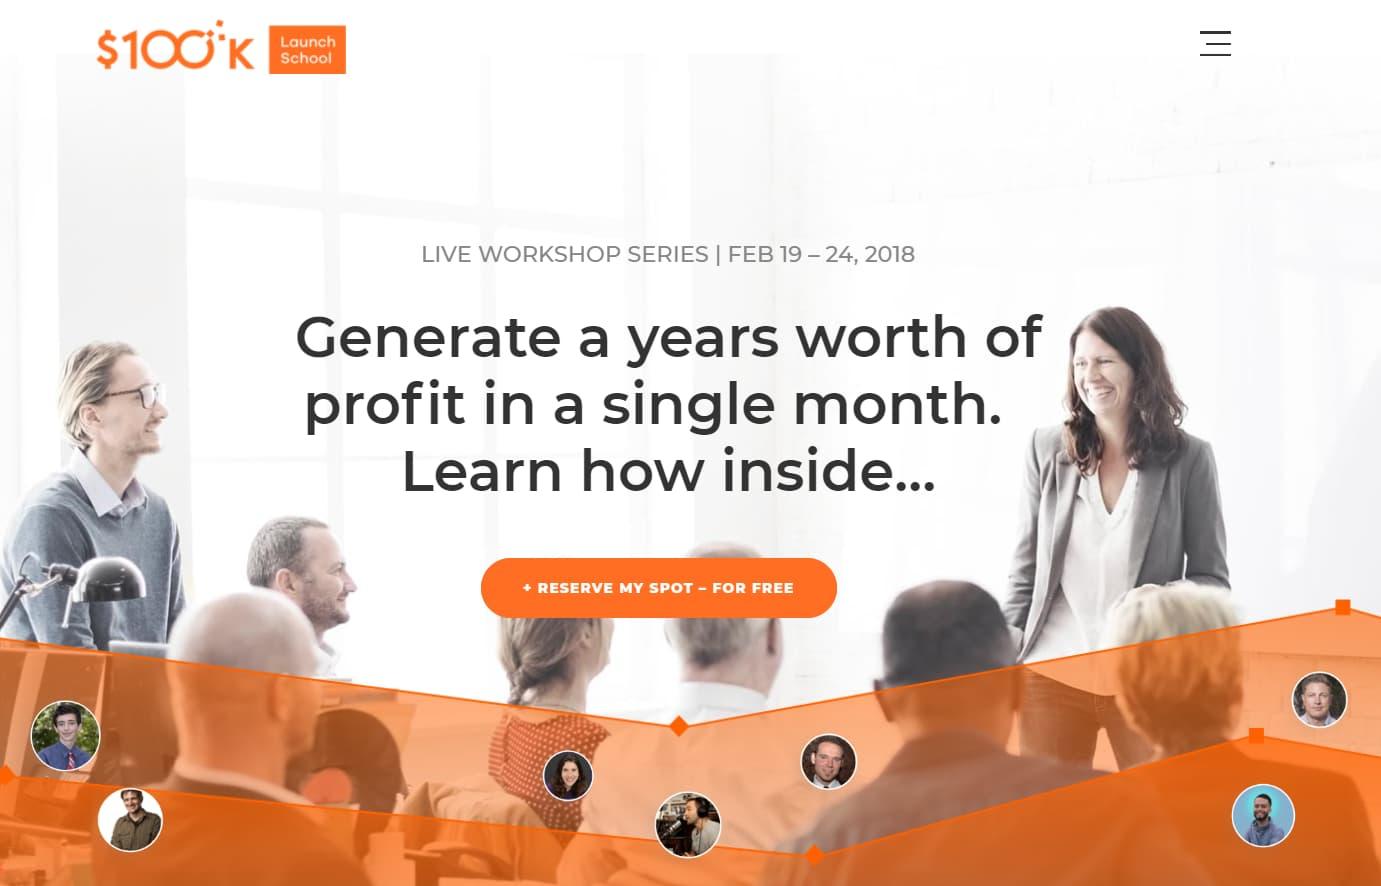 Conferencia $100k Launch School